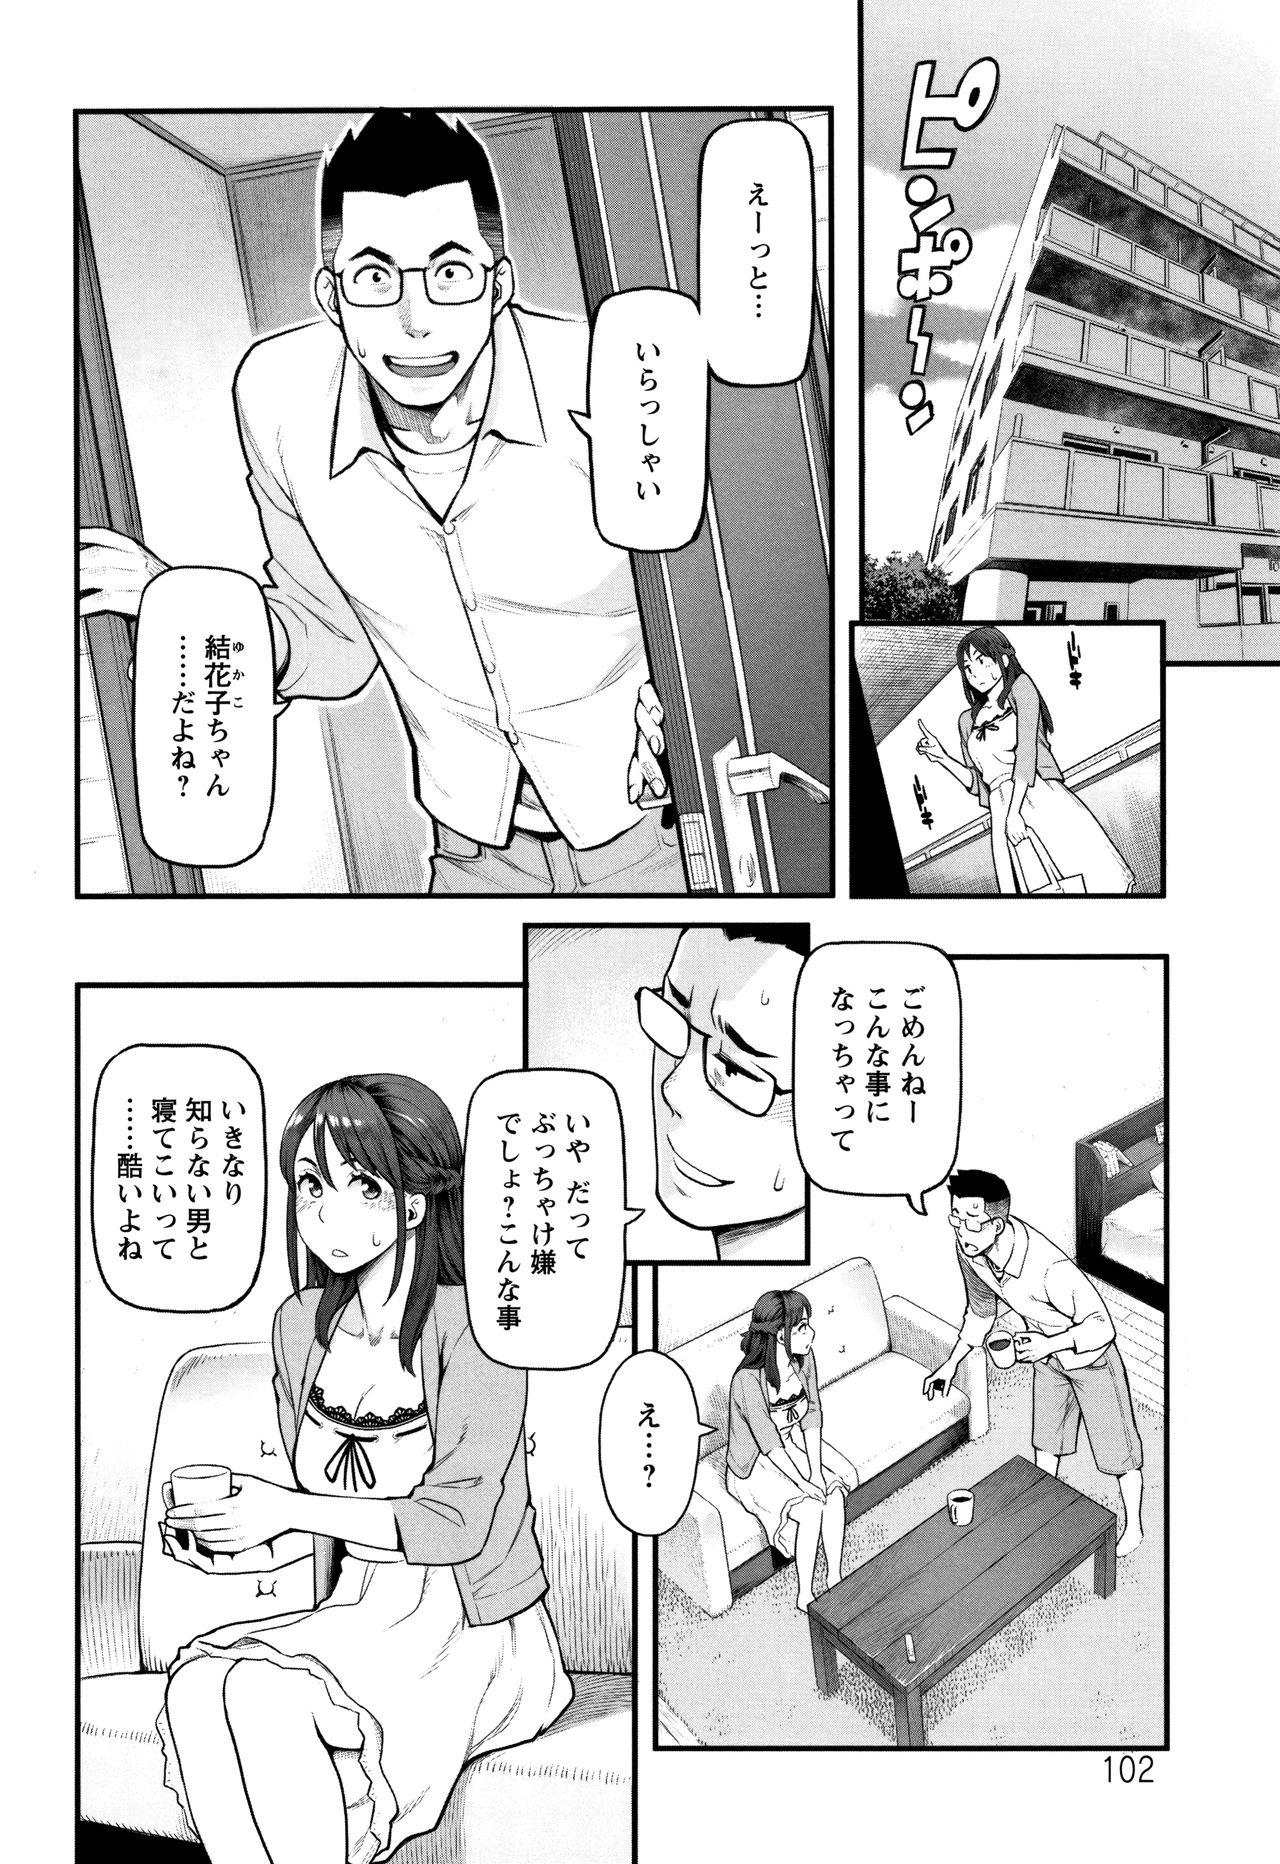 Toketa Risei wa Biyaku no Kaori 102